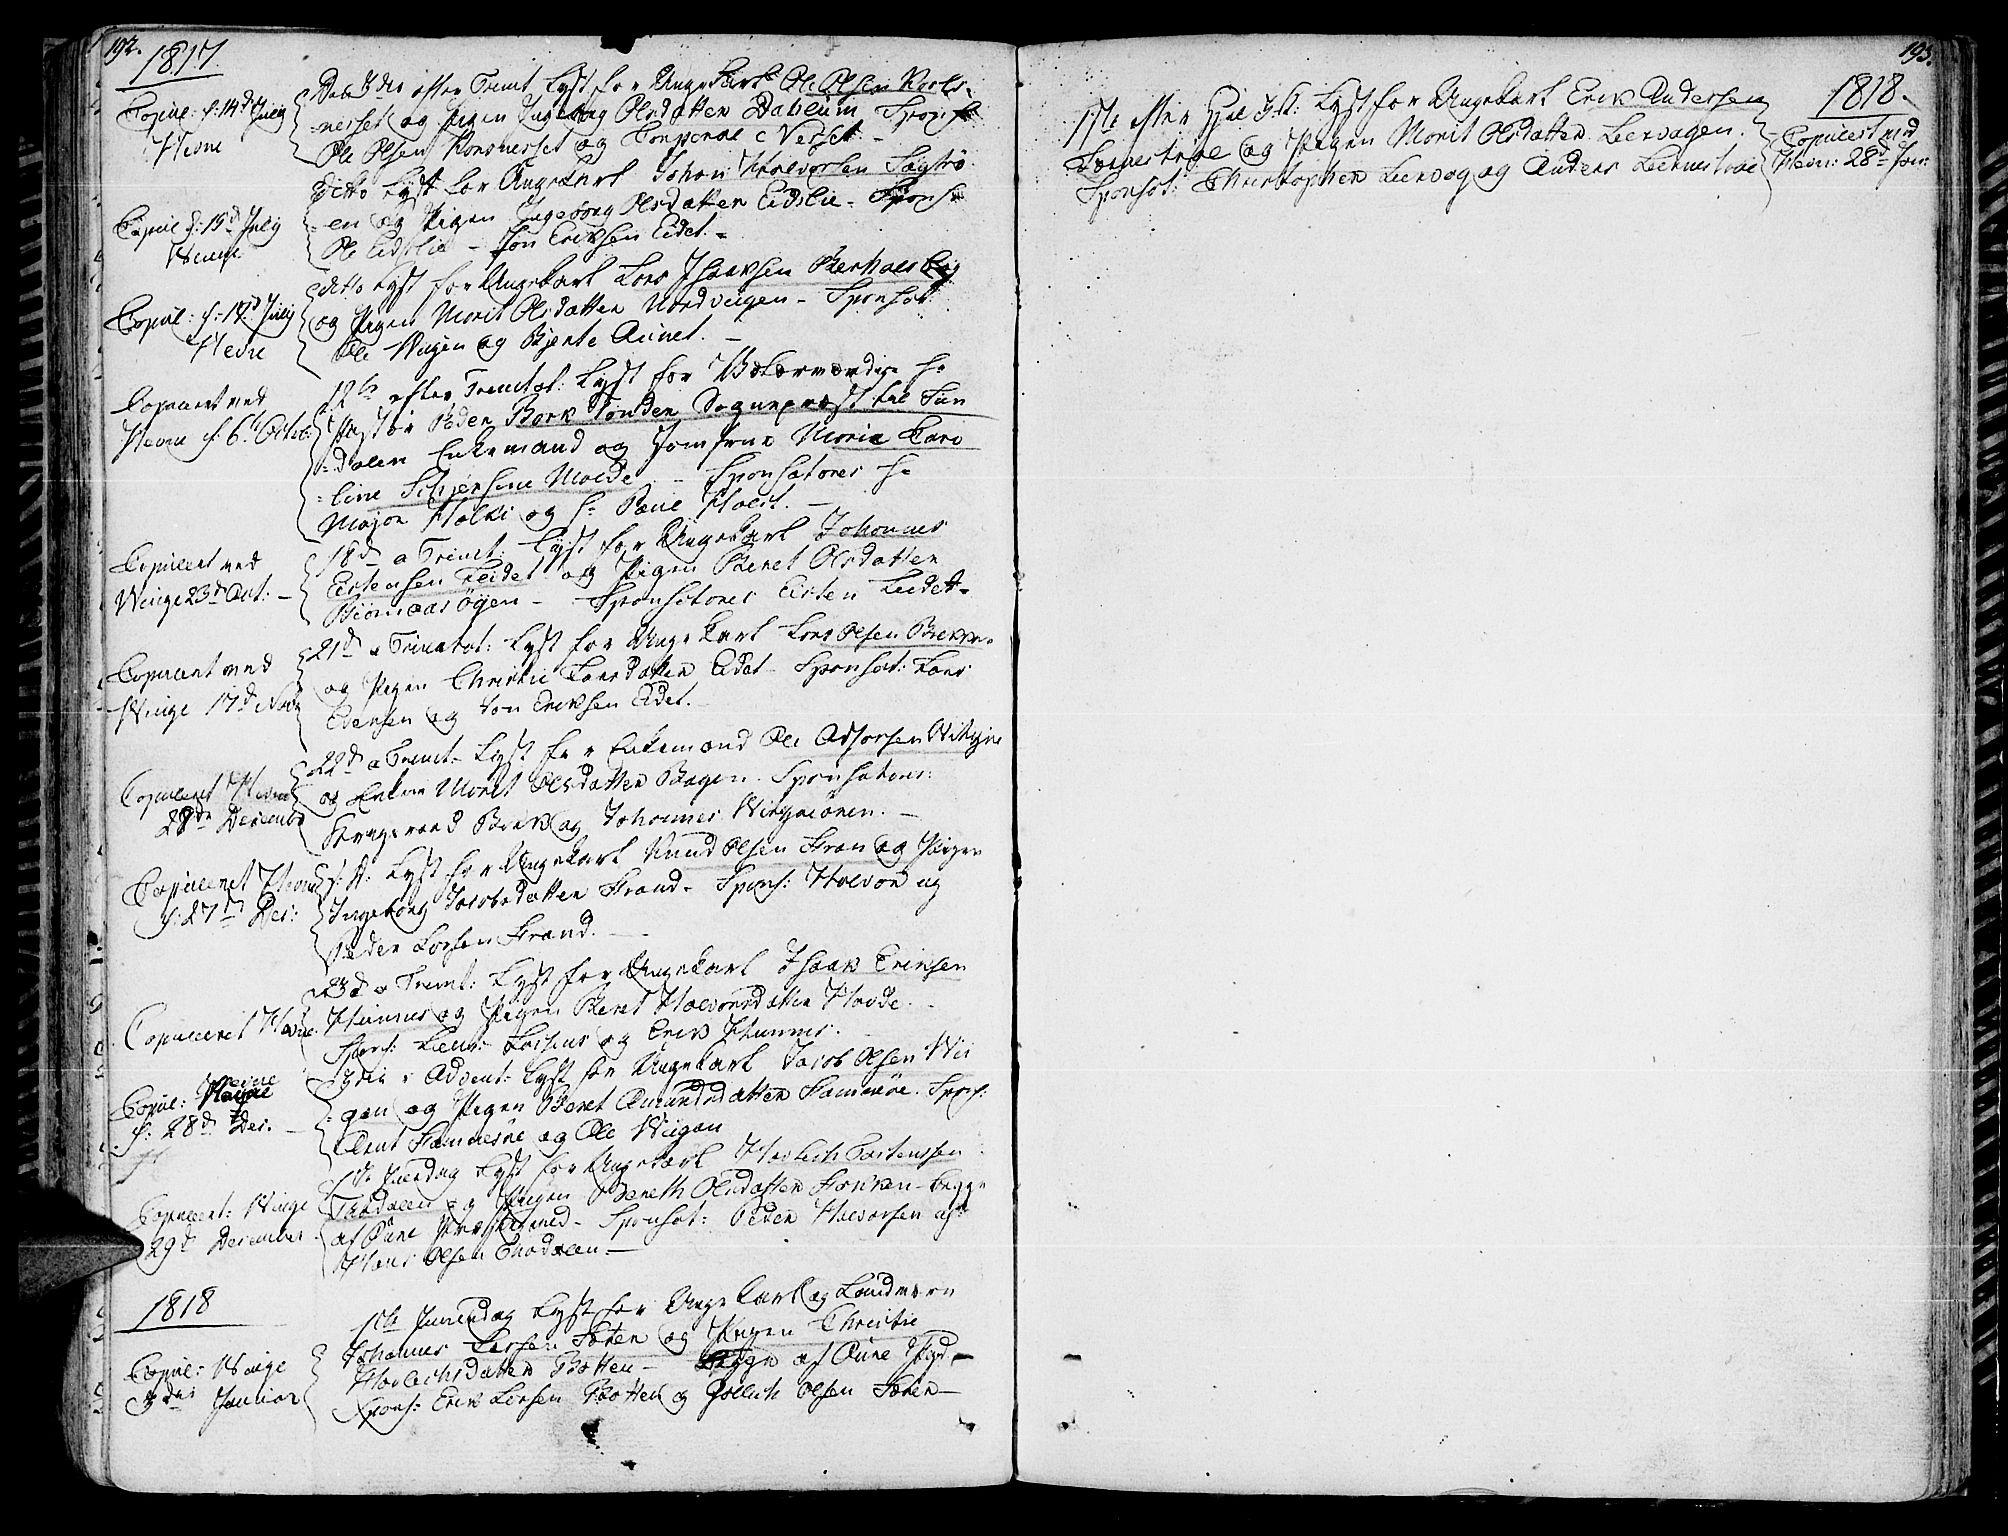 SAT, Ministerialprotokoller, klokkerbøker og fødselsregistre - Sør-Trøndelag, 630/L0490: Ministerialbok nr. 630A03, 1795-1818, s. 192-193